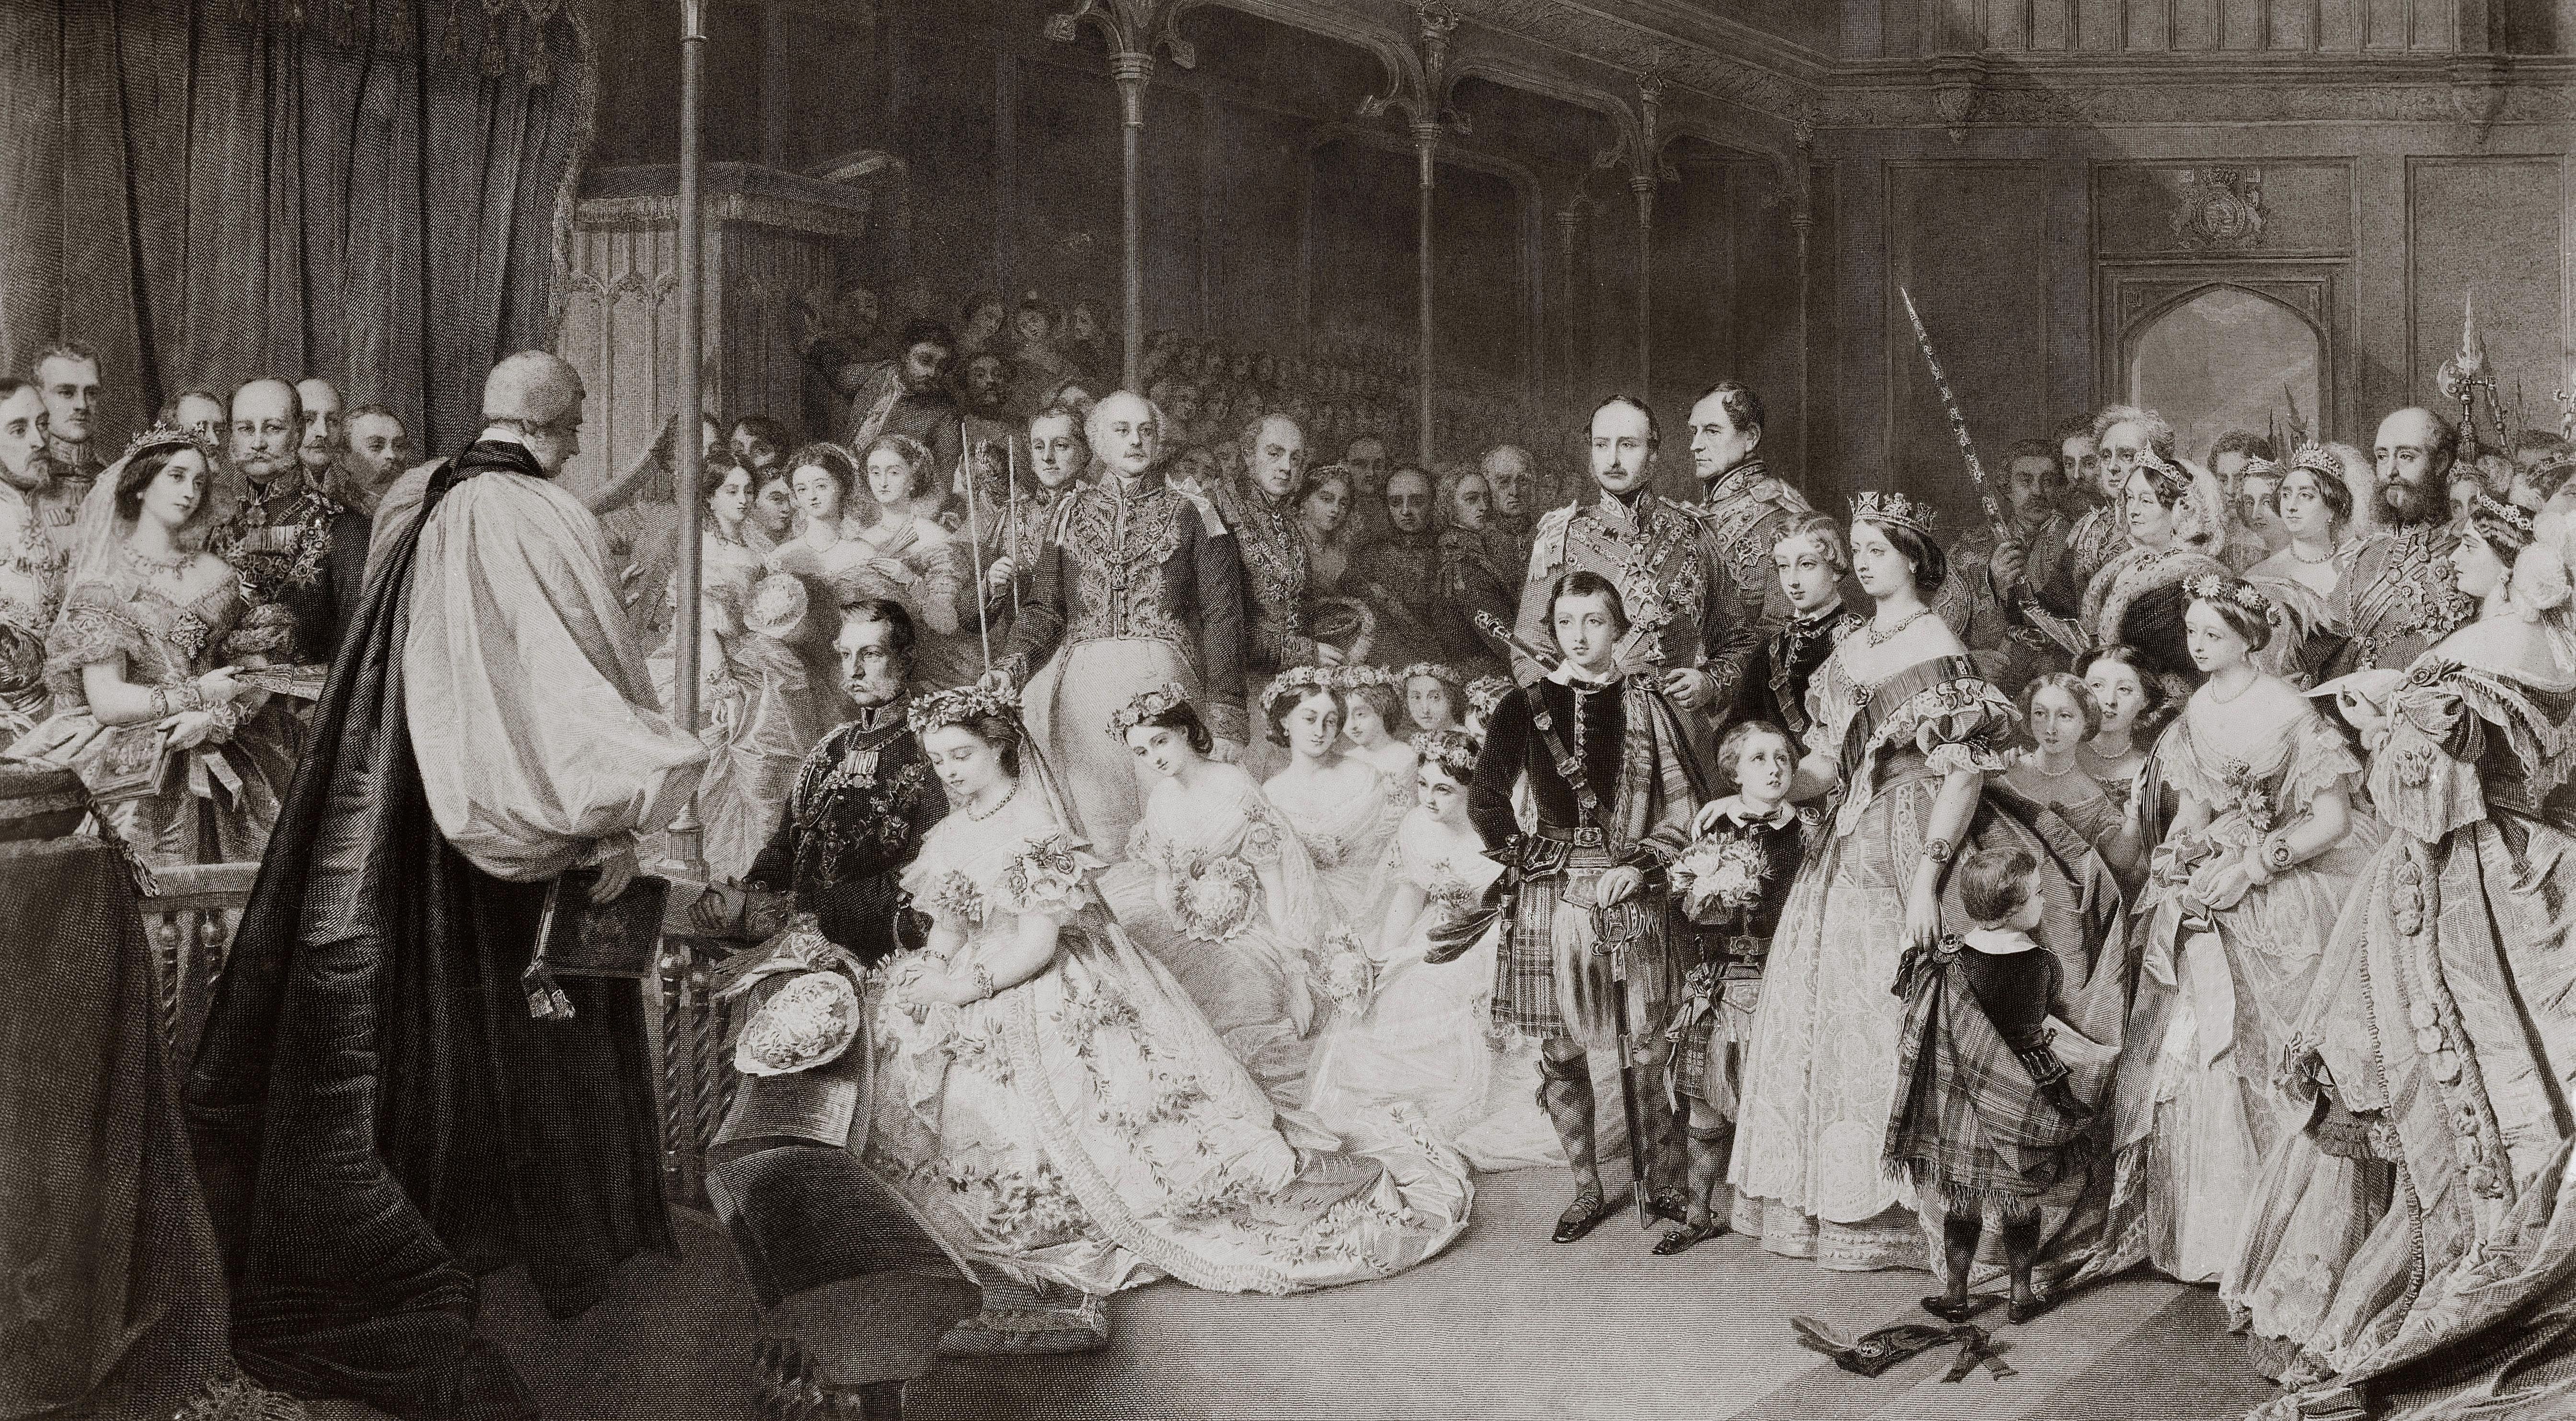 ロイヤルウェディング-ビクトリア、ロイヤル王女、およびプロシアの皇太子フレデリック